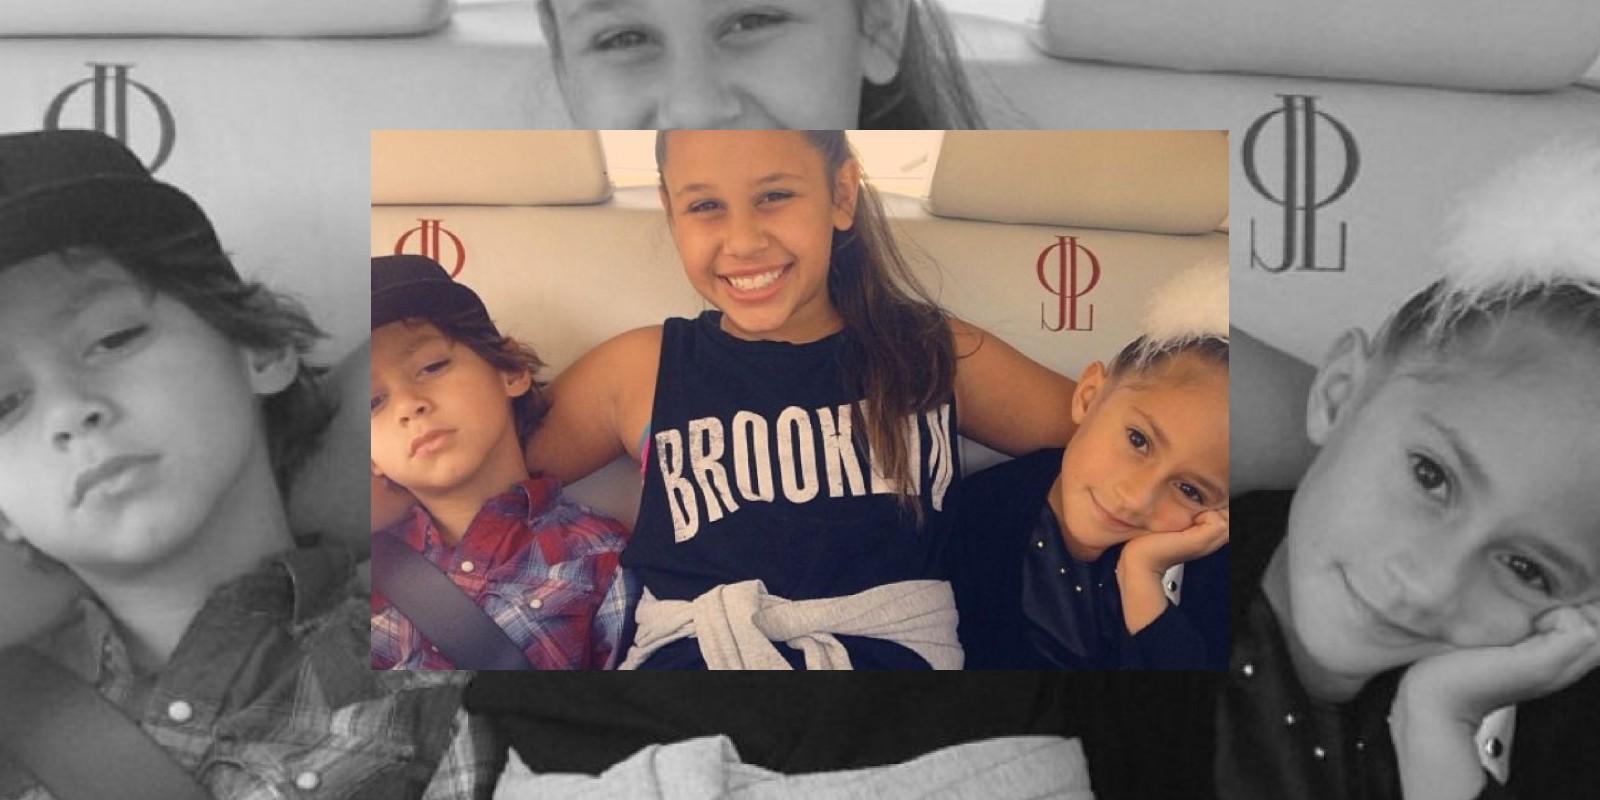 Los hijos de JLo con la hija de Leah Remini Foto:JLo vía Instagram. Imagen Por: